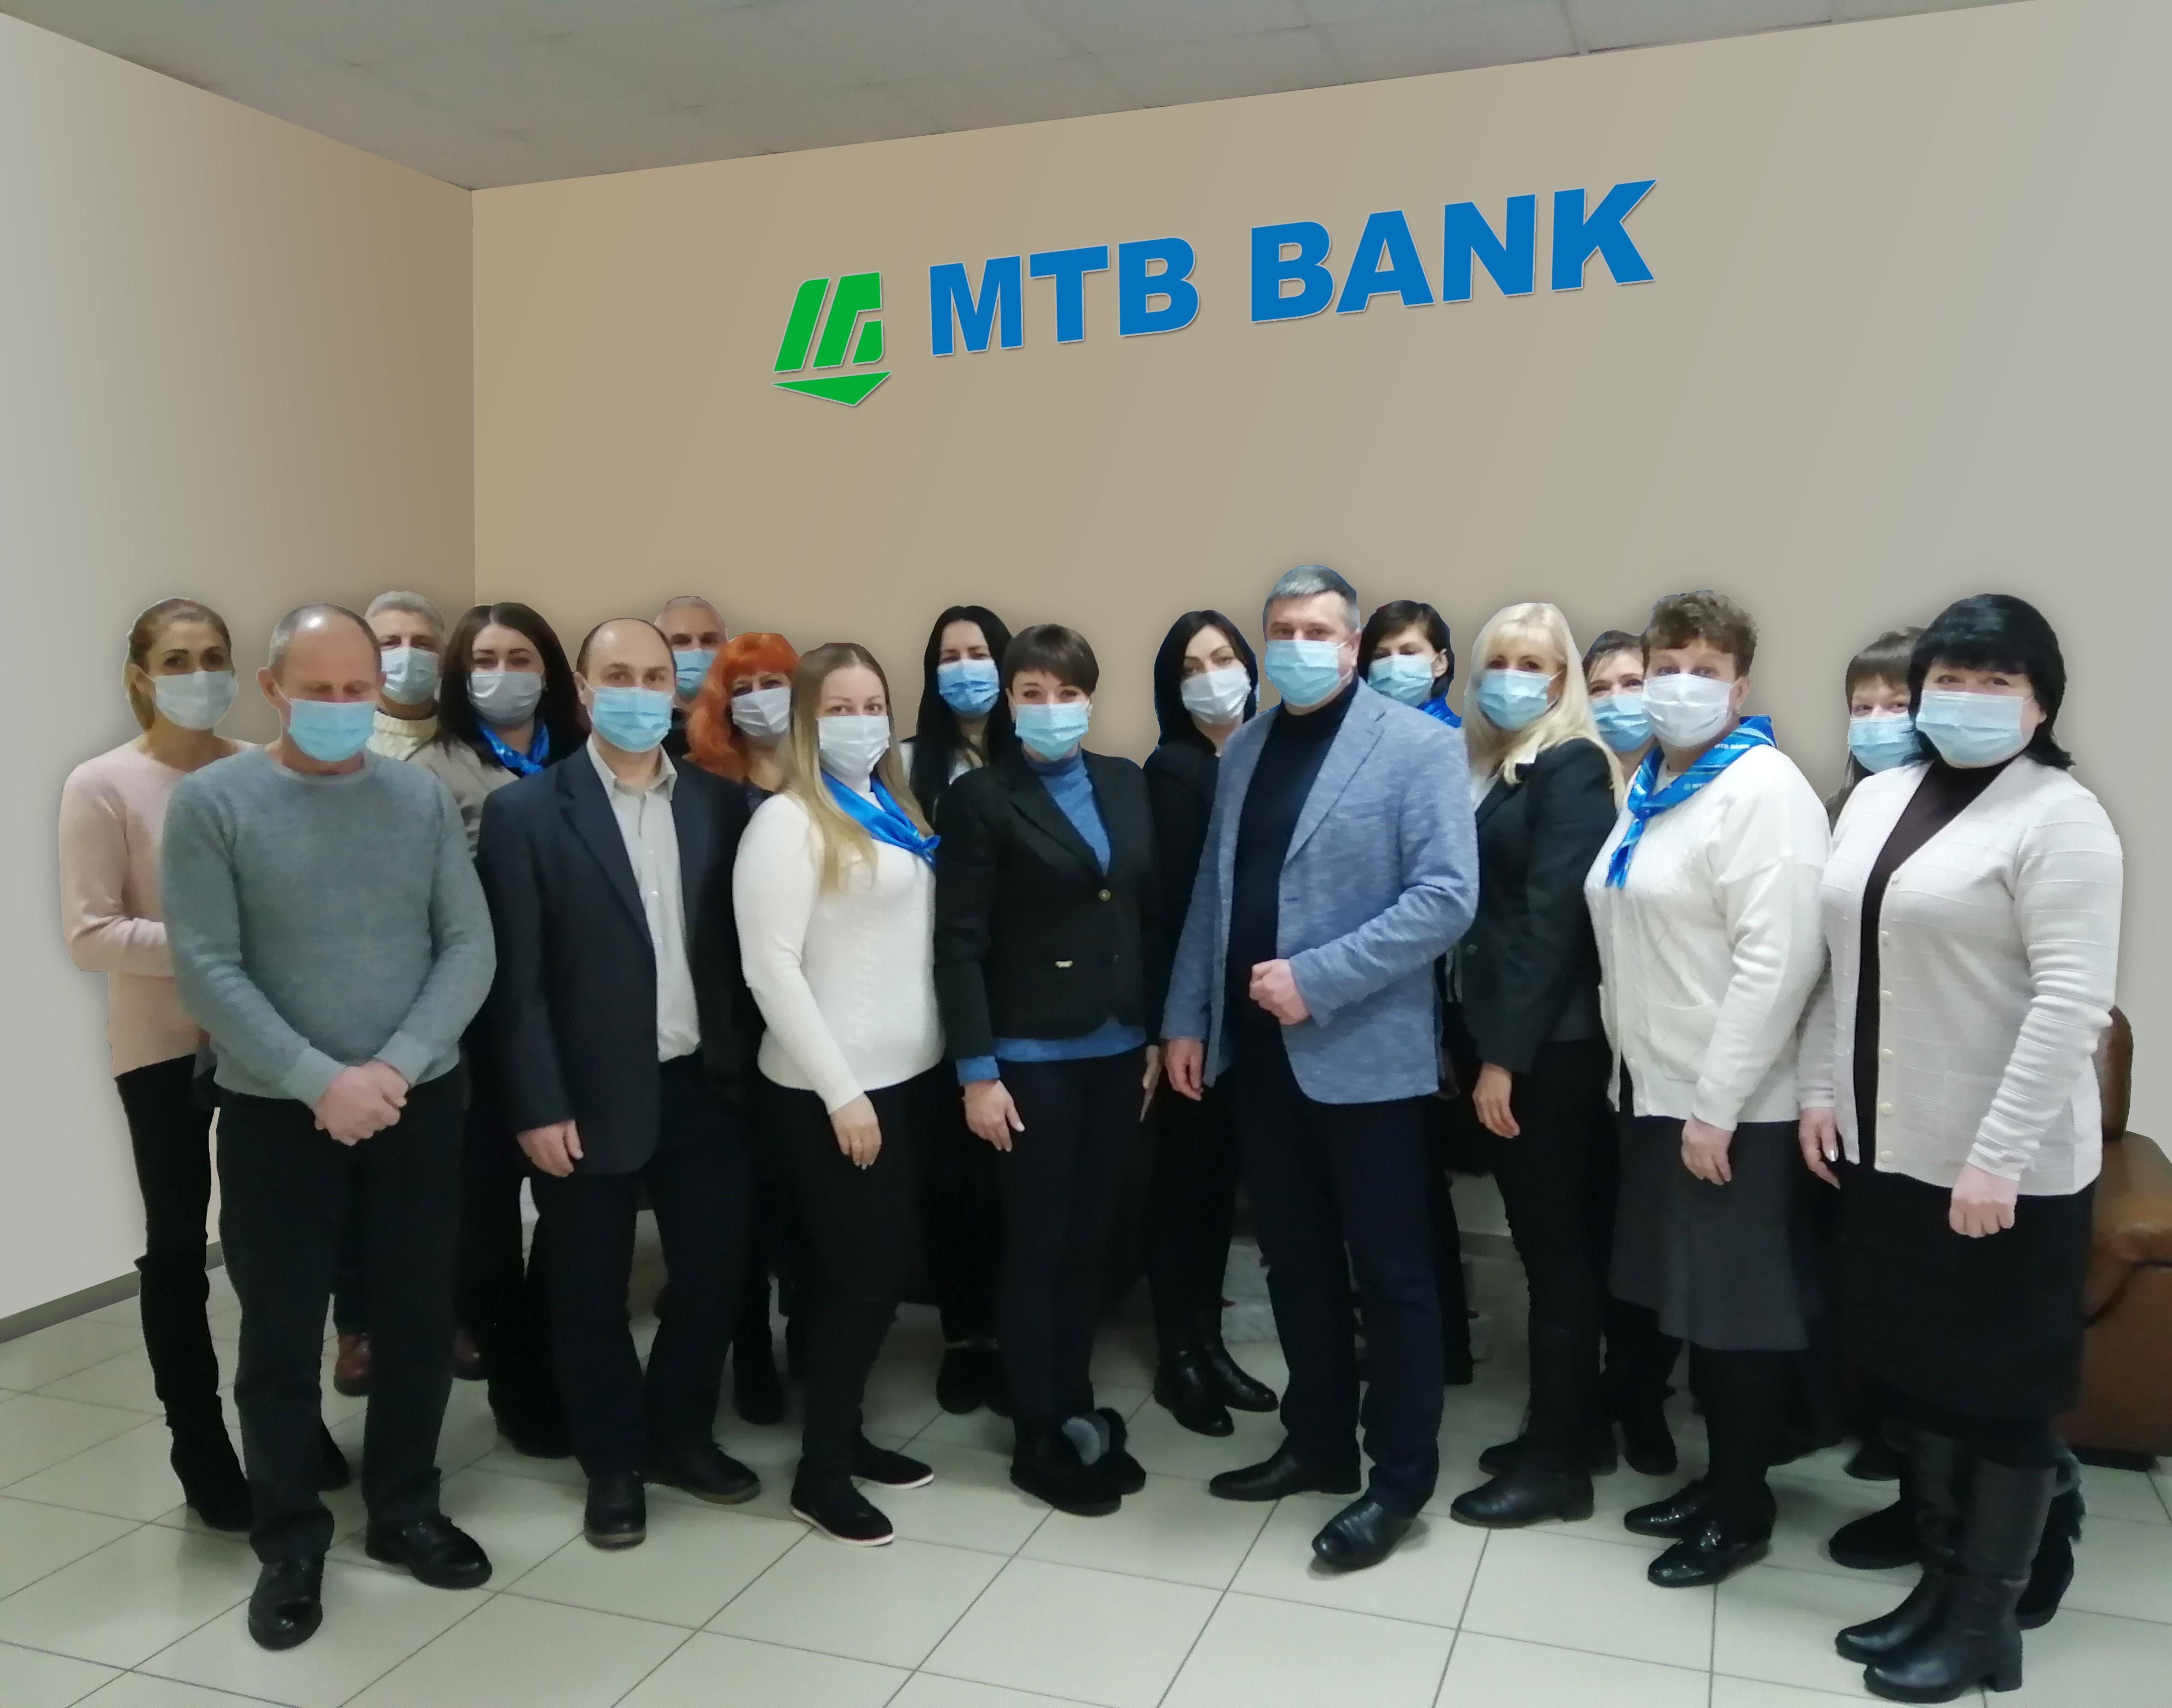 Итоги-2020:  МТБ БАНК продемонстрировал 63% прироста прибыли  - фото 3 - mtb.ua